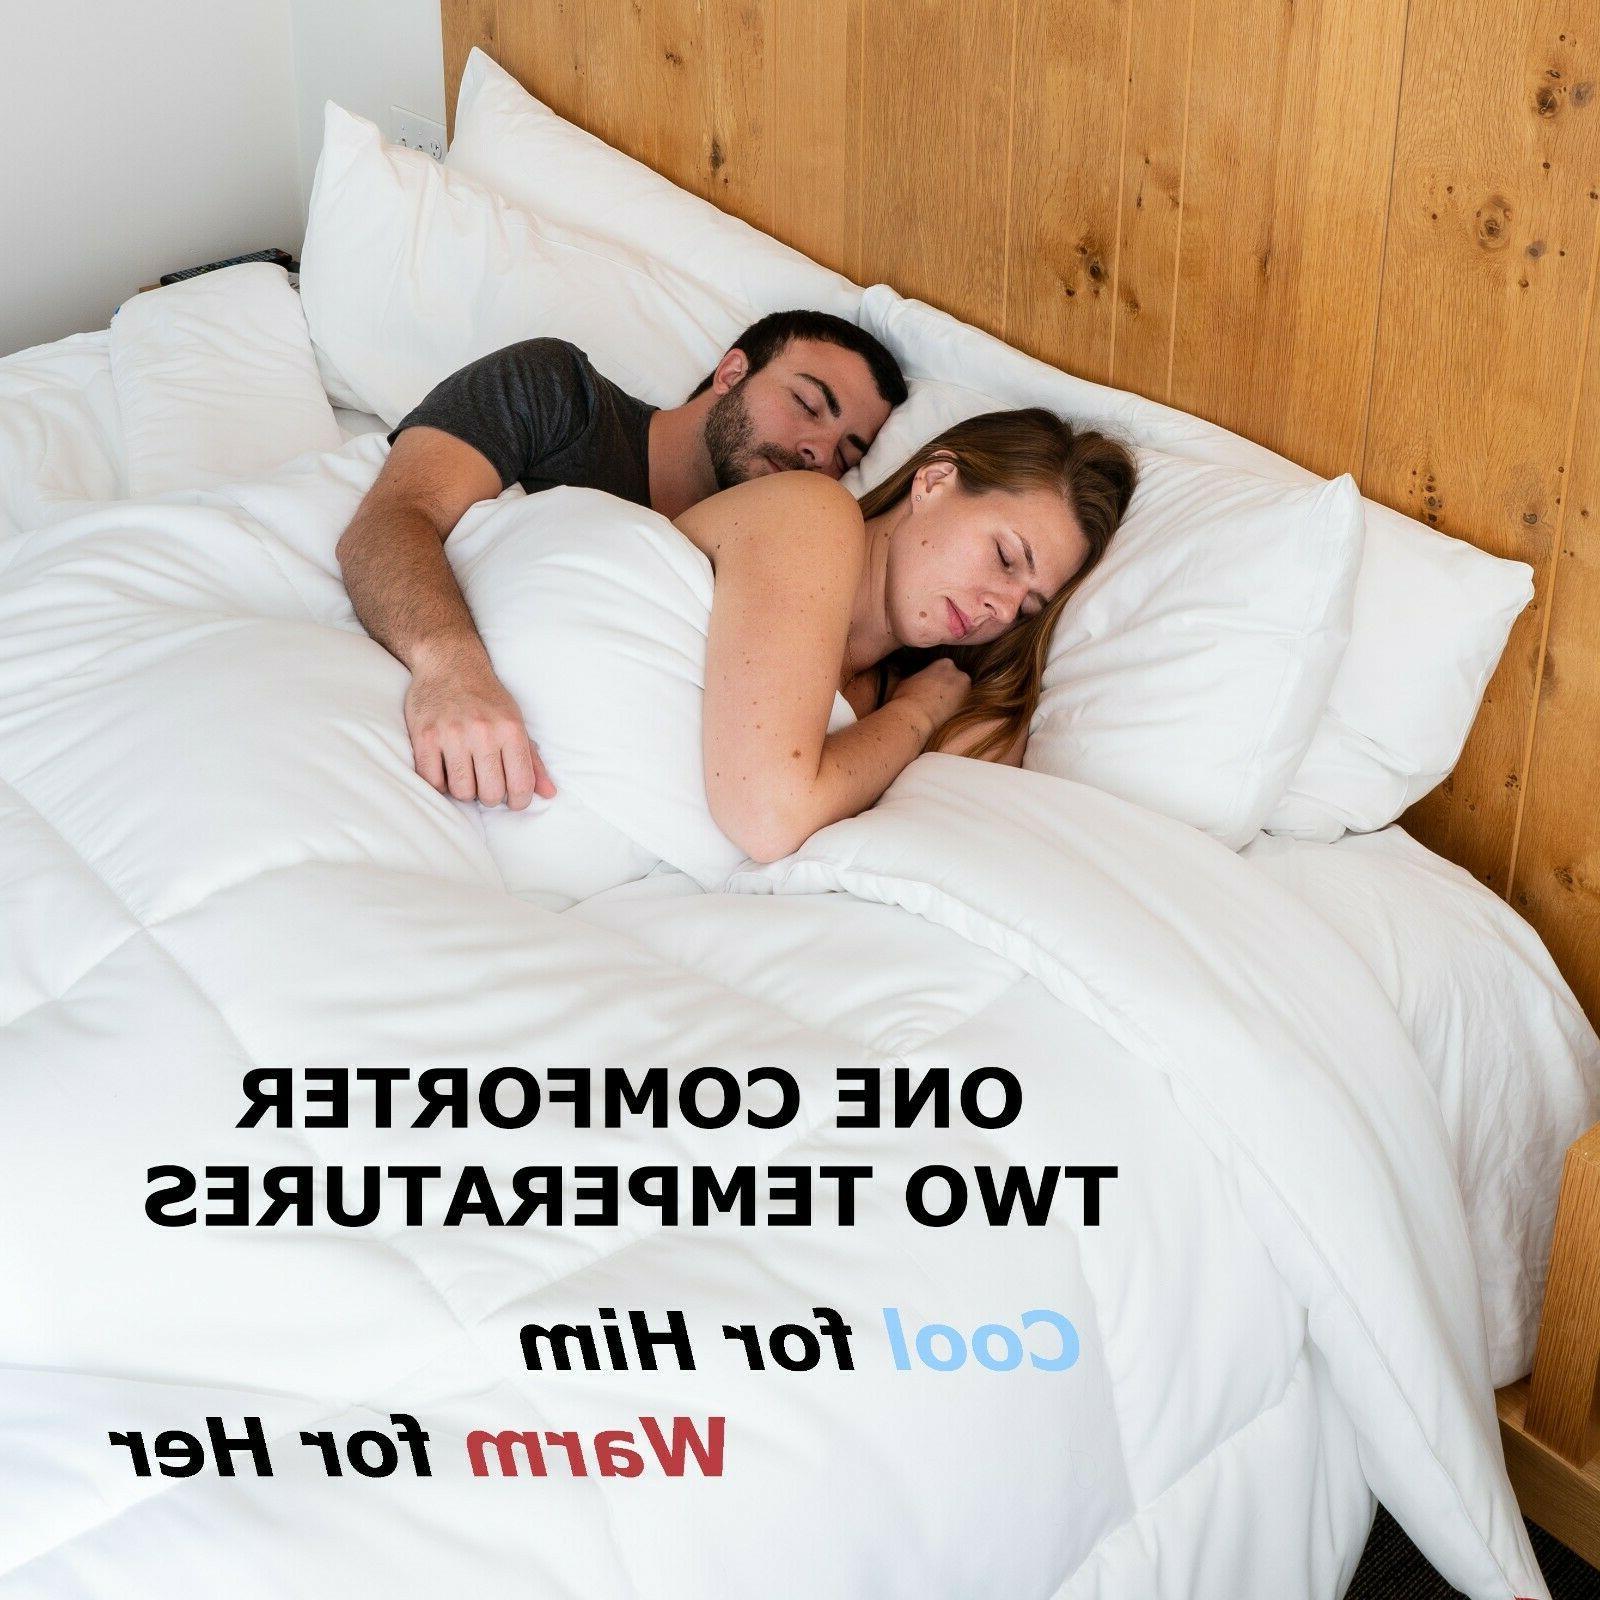 Kömforte Dual Zone Couples Comforter– All Insert for Him Her